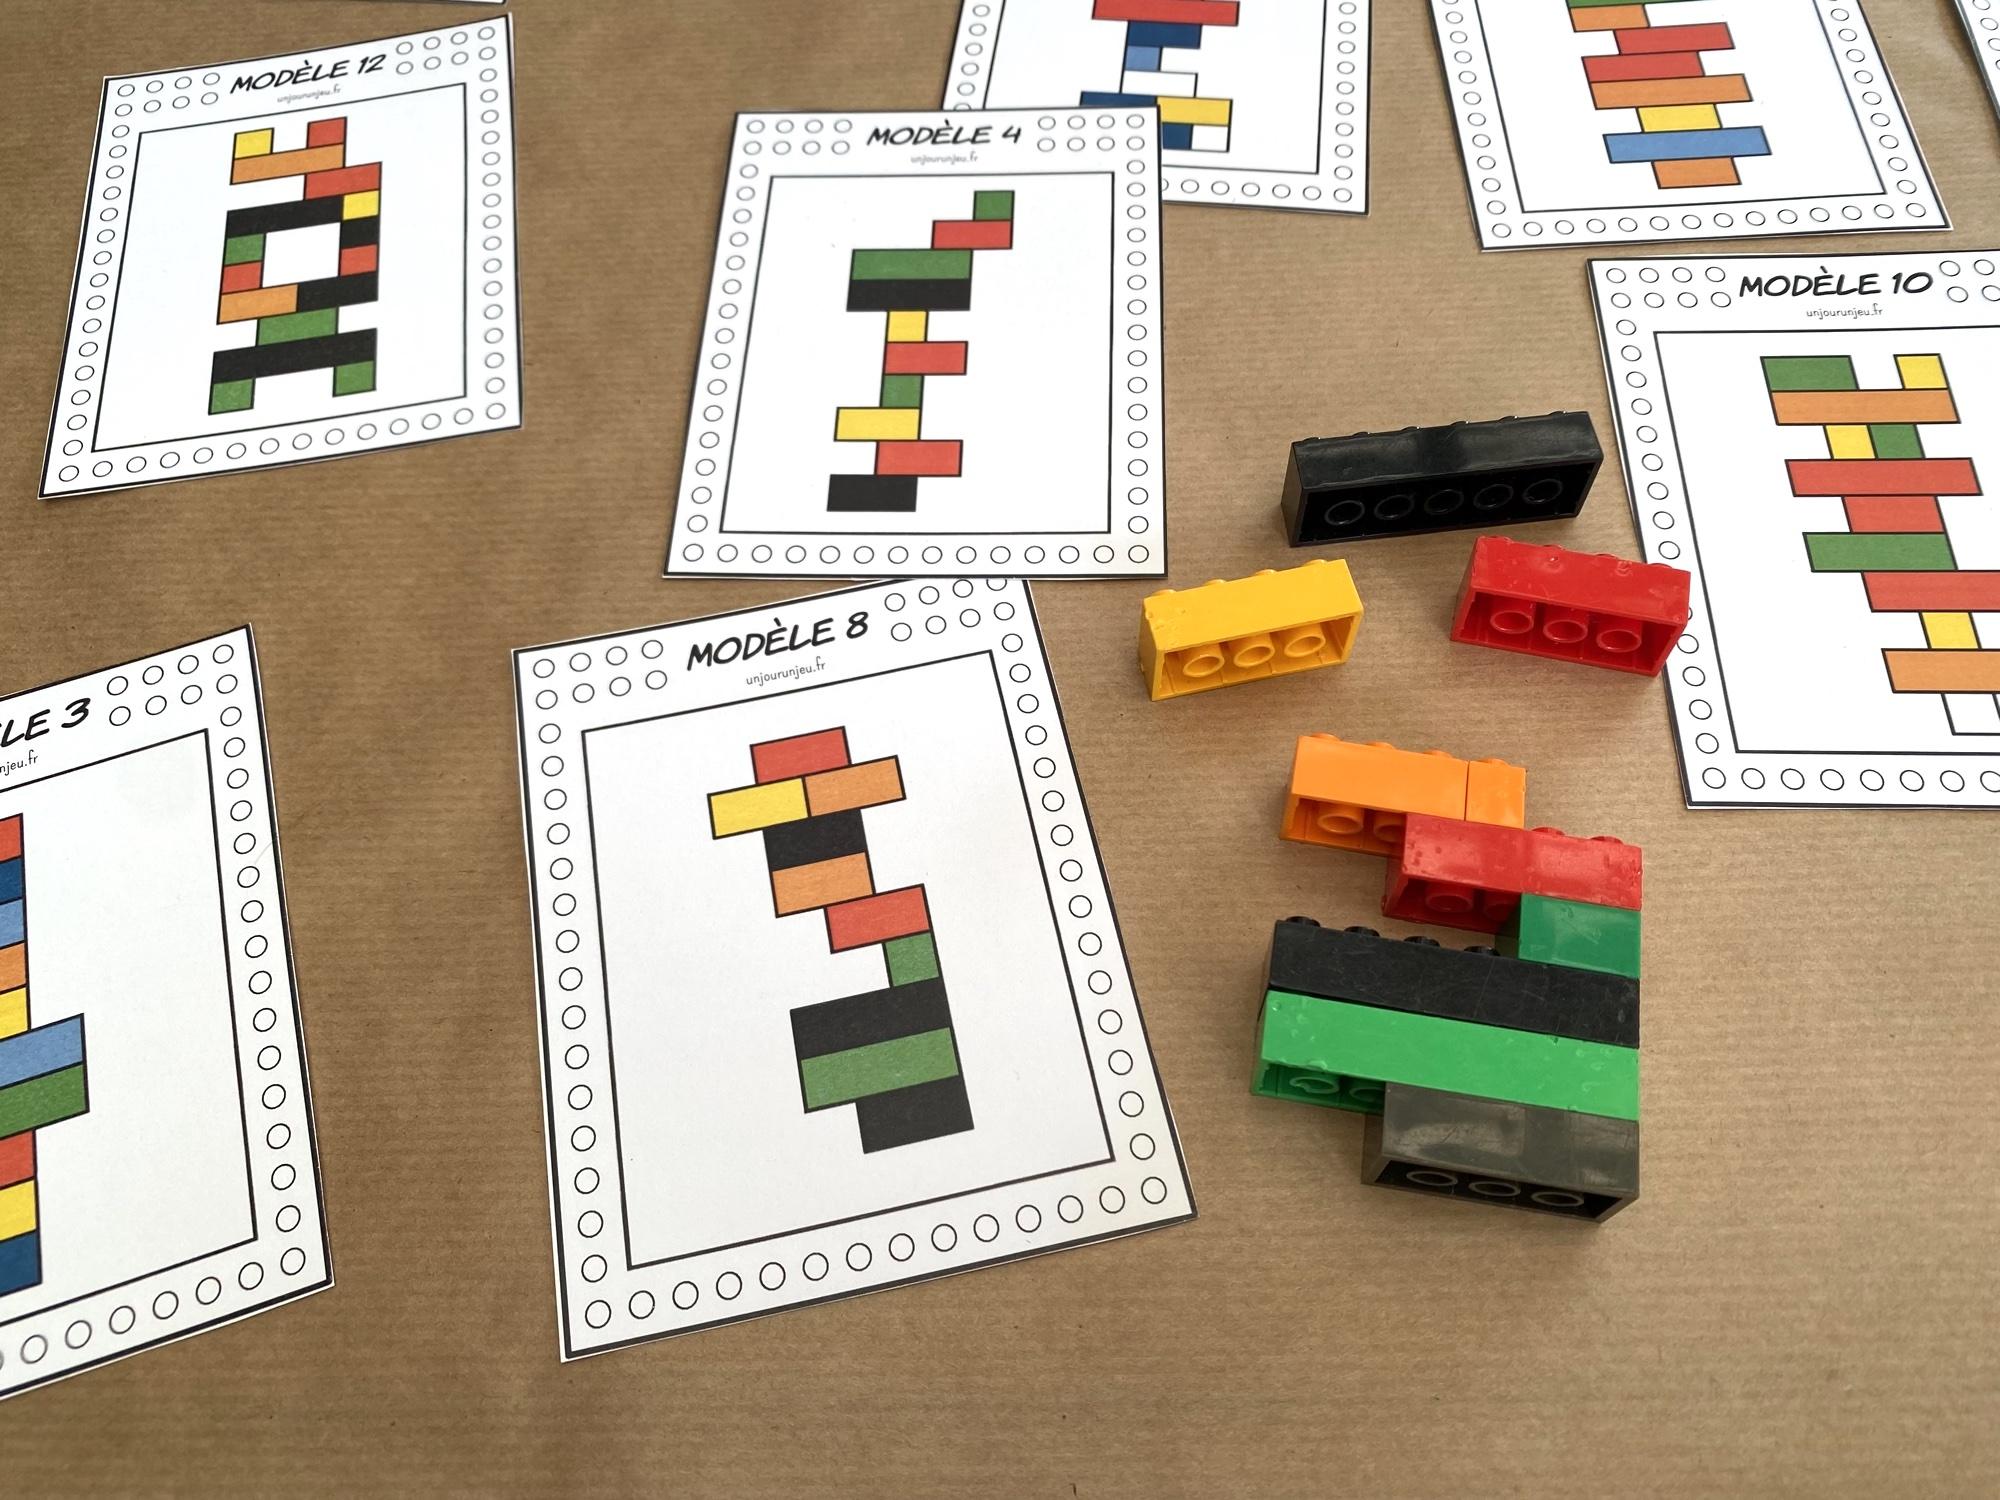 Fiches LEGO à reproduire - étape 4